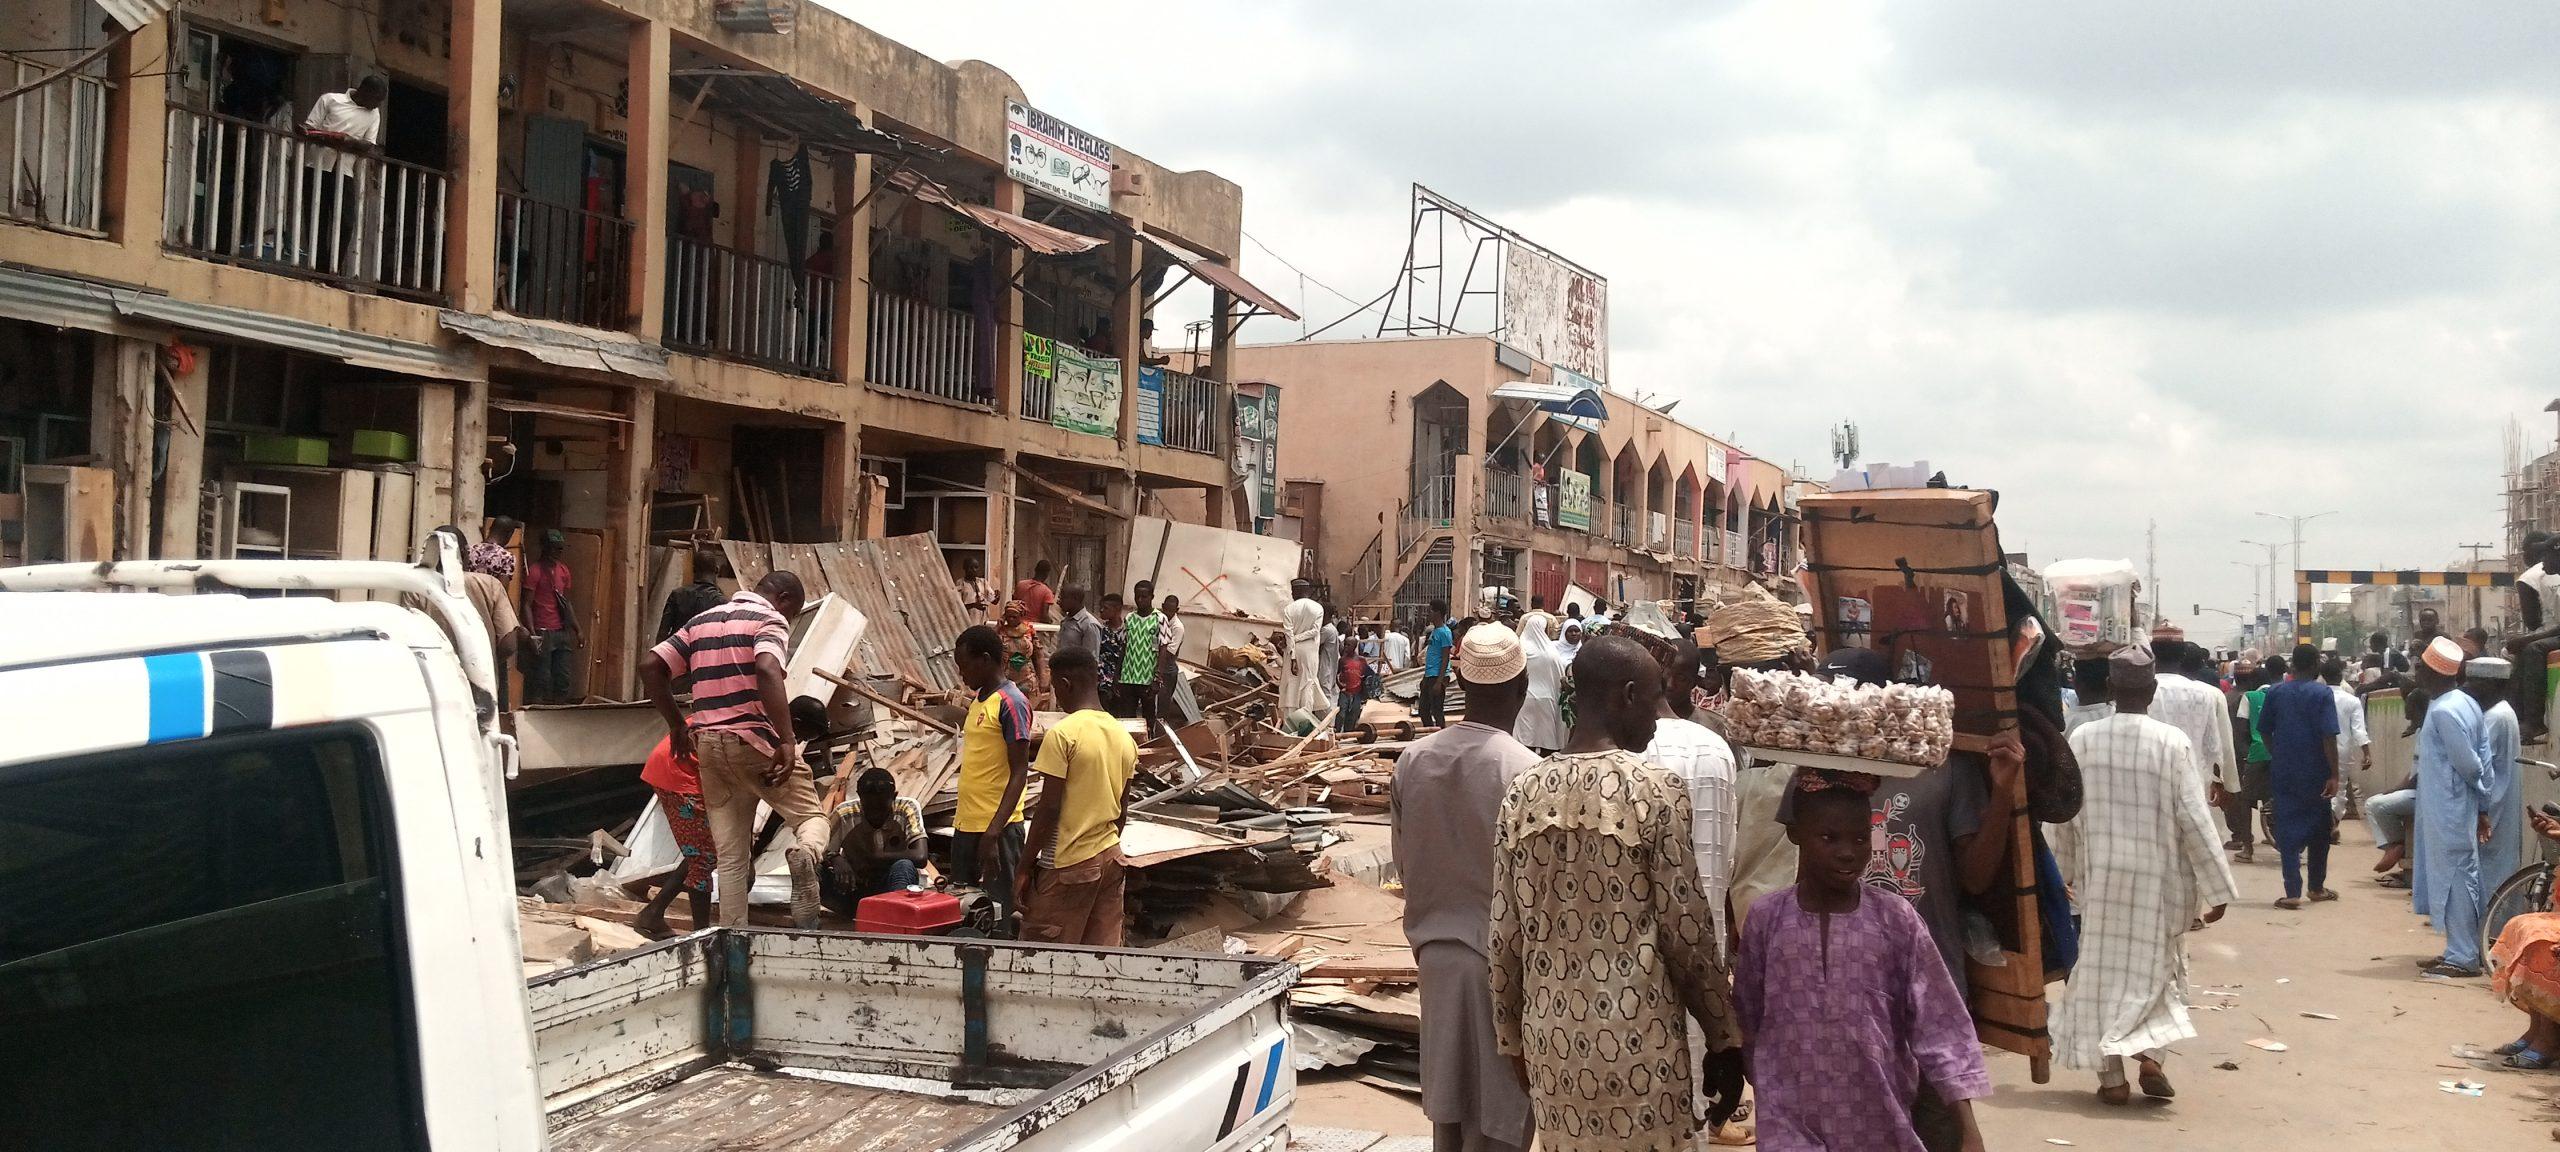 Demolition at Abubakar Rimi Market